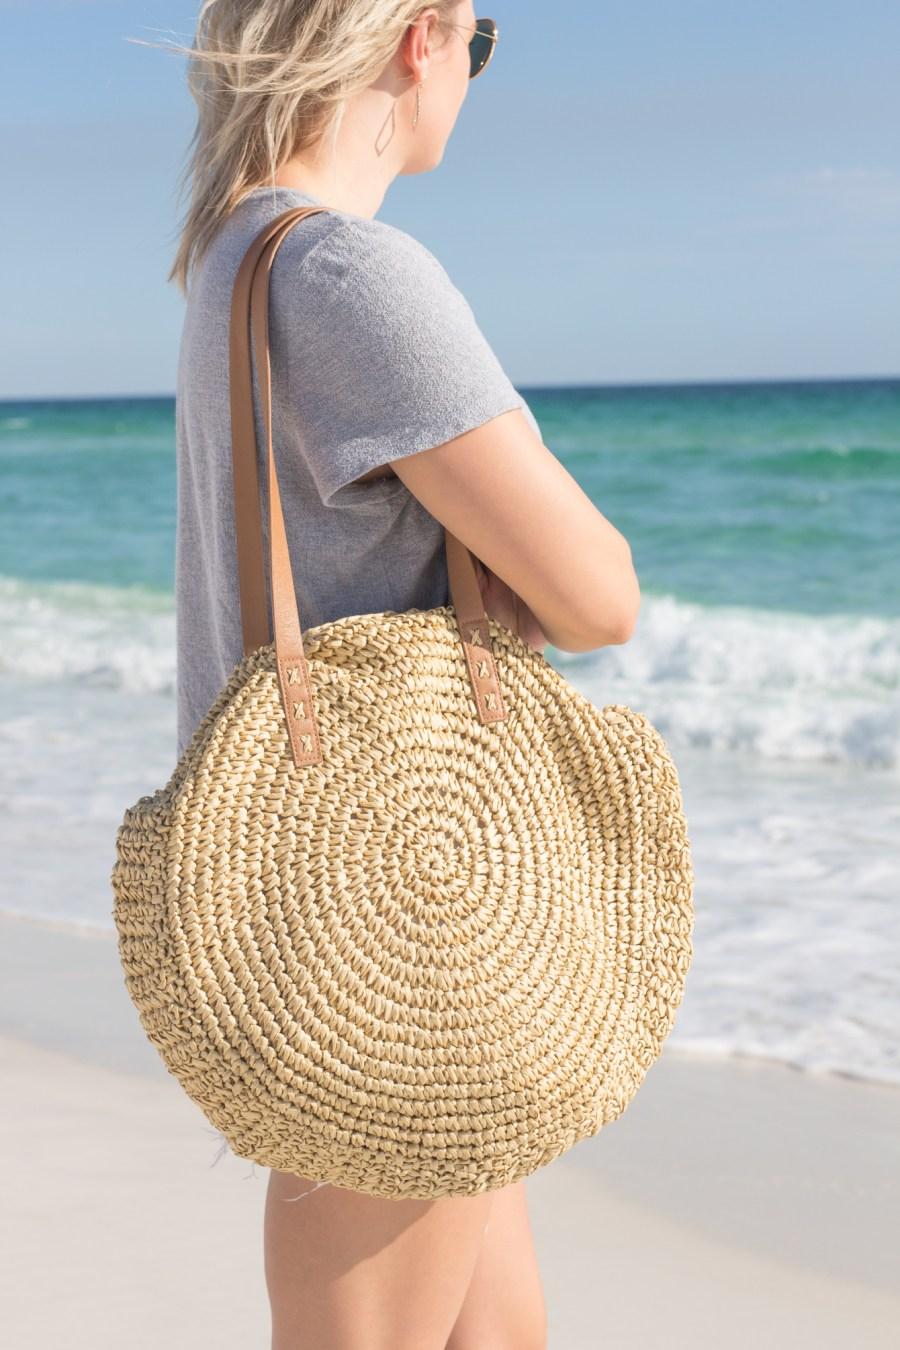 Beach Bag Trends for Summer 2018 - Jamie Kamber